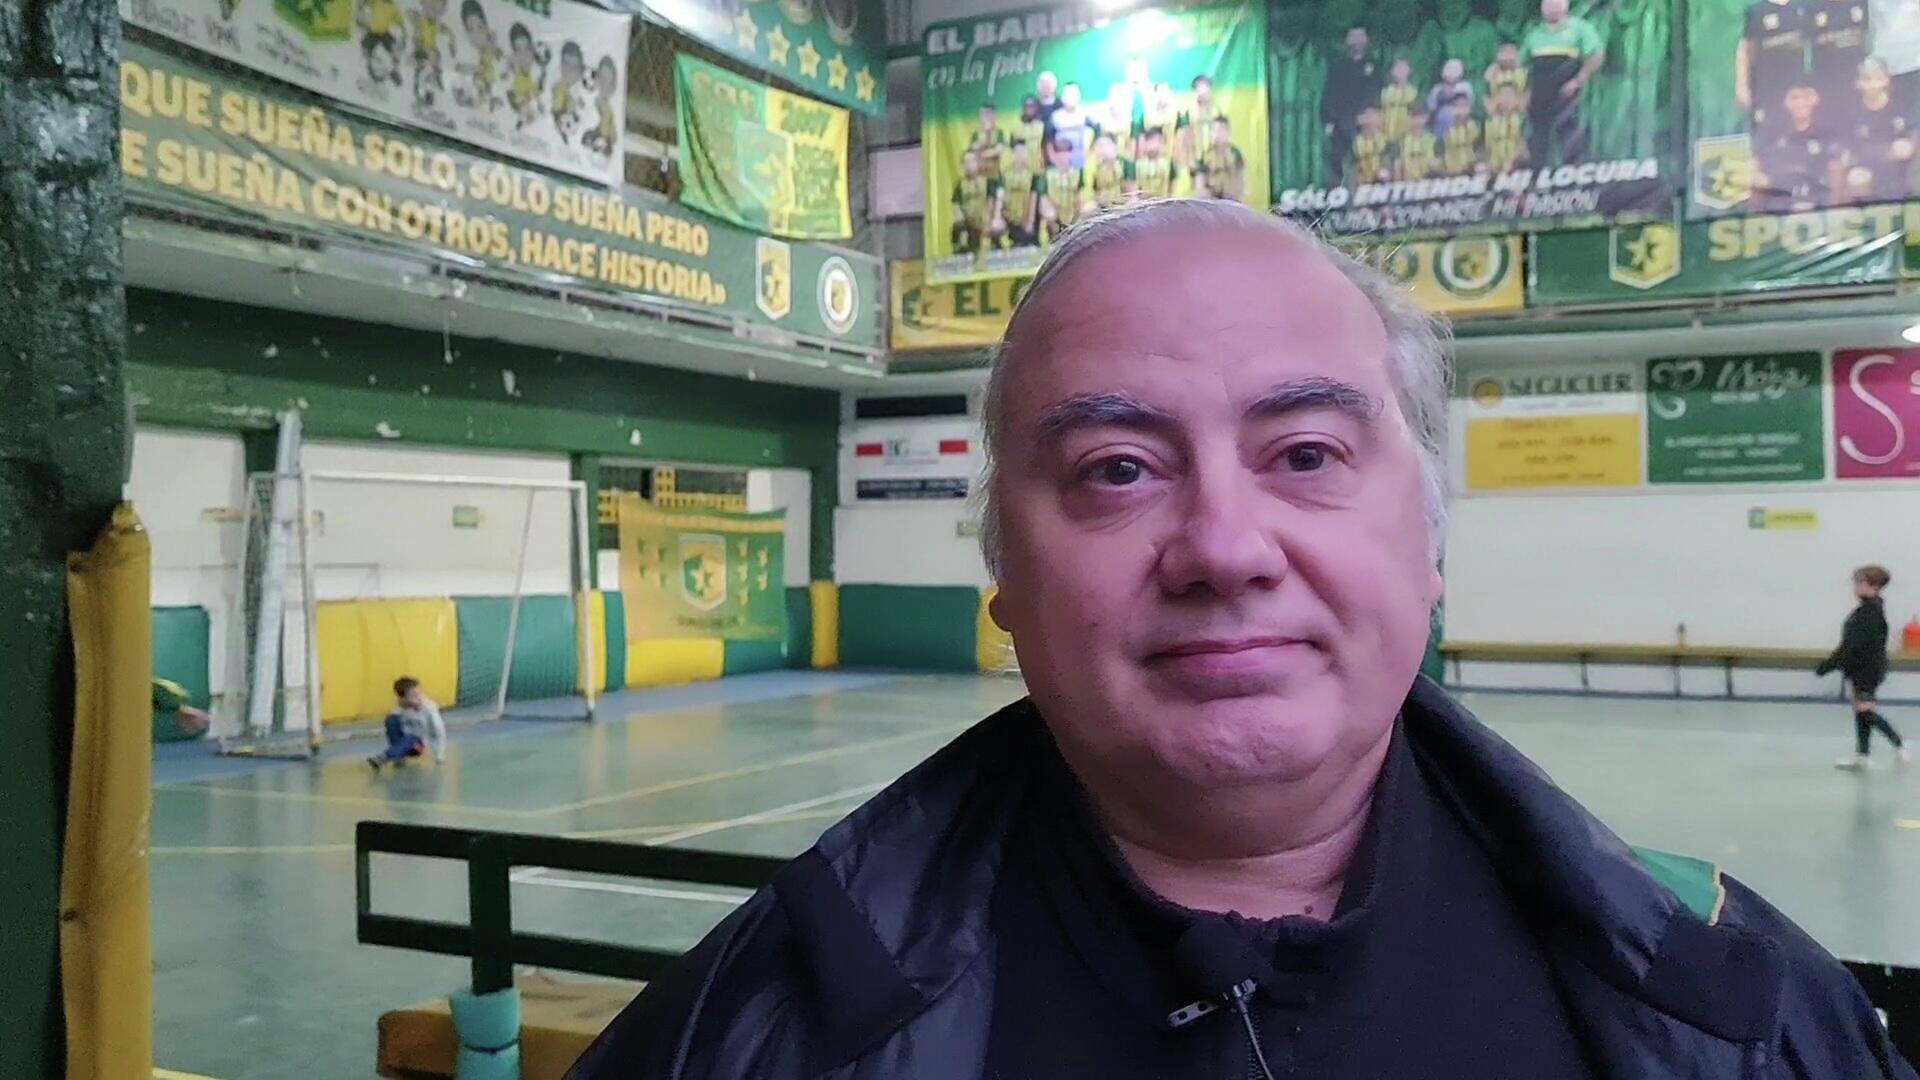 Ricardo 'Conejo' Elsegood es el coordinador de la escuela de fútbol y futuro presidente del club - Sputnik Mundo, 1920, 02.07.2021